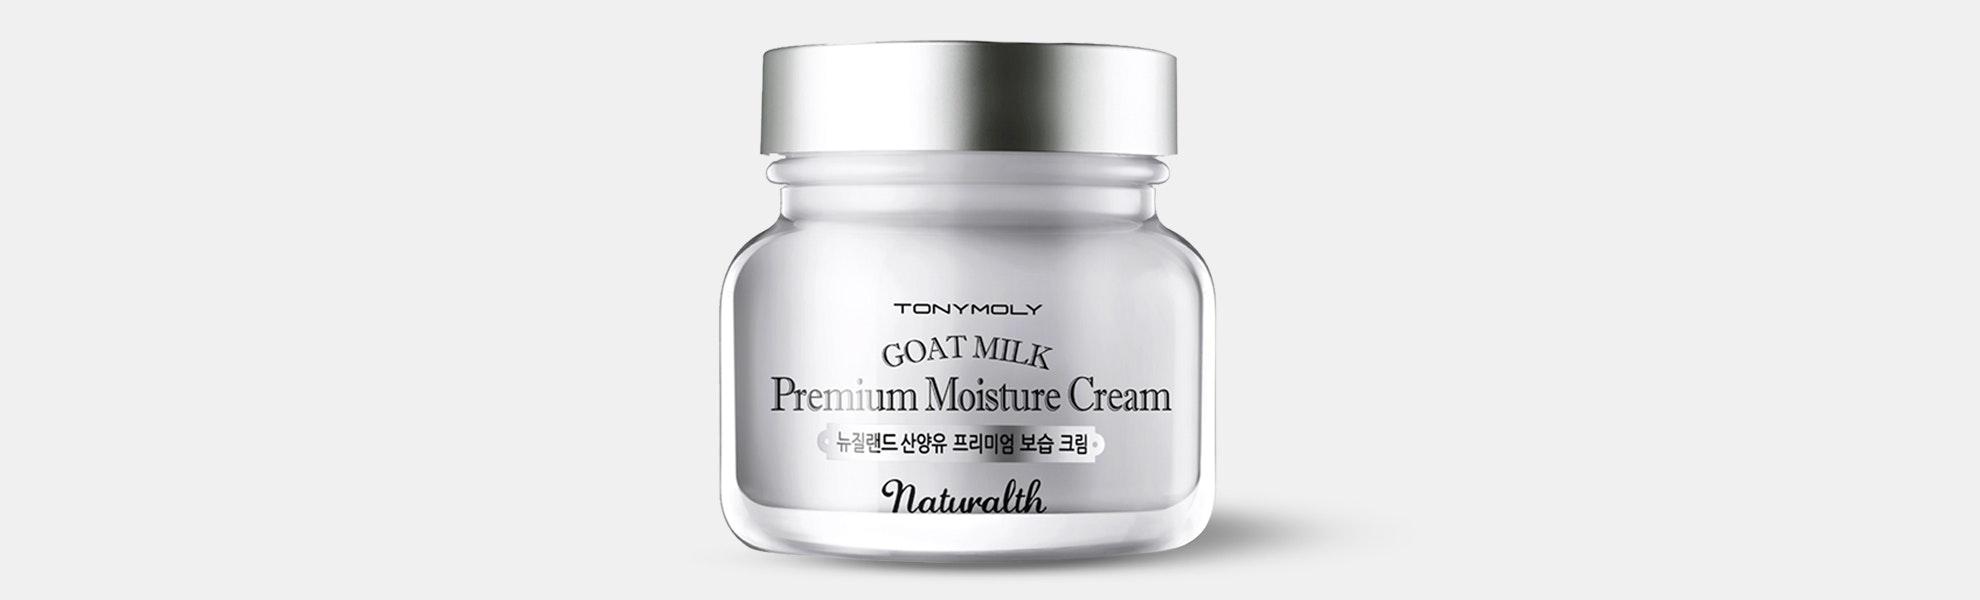 Tony Moly Naturalth Goat Milk Premium Cream